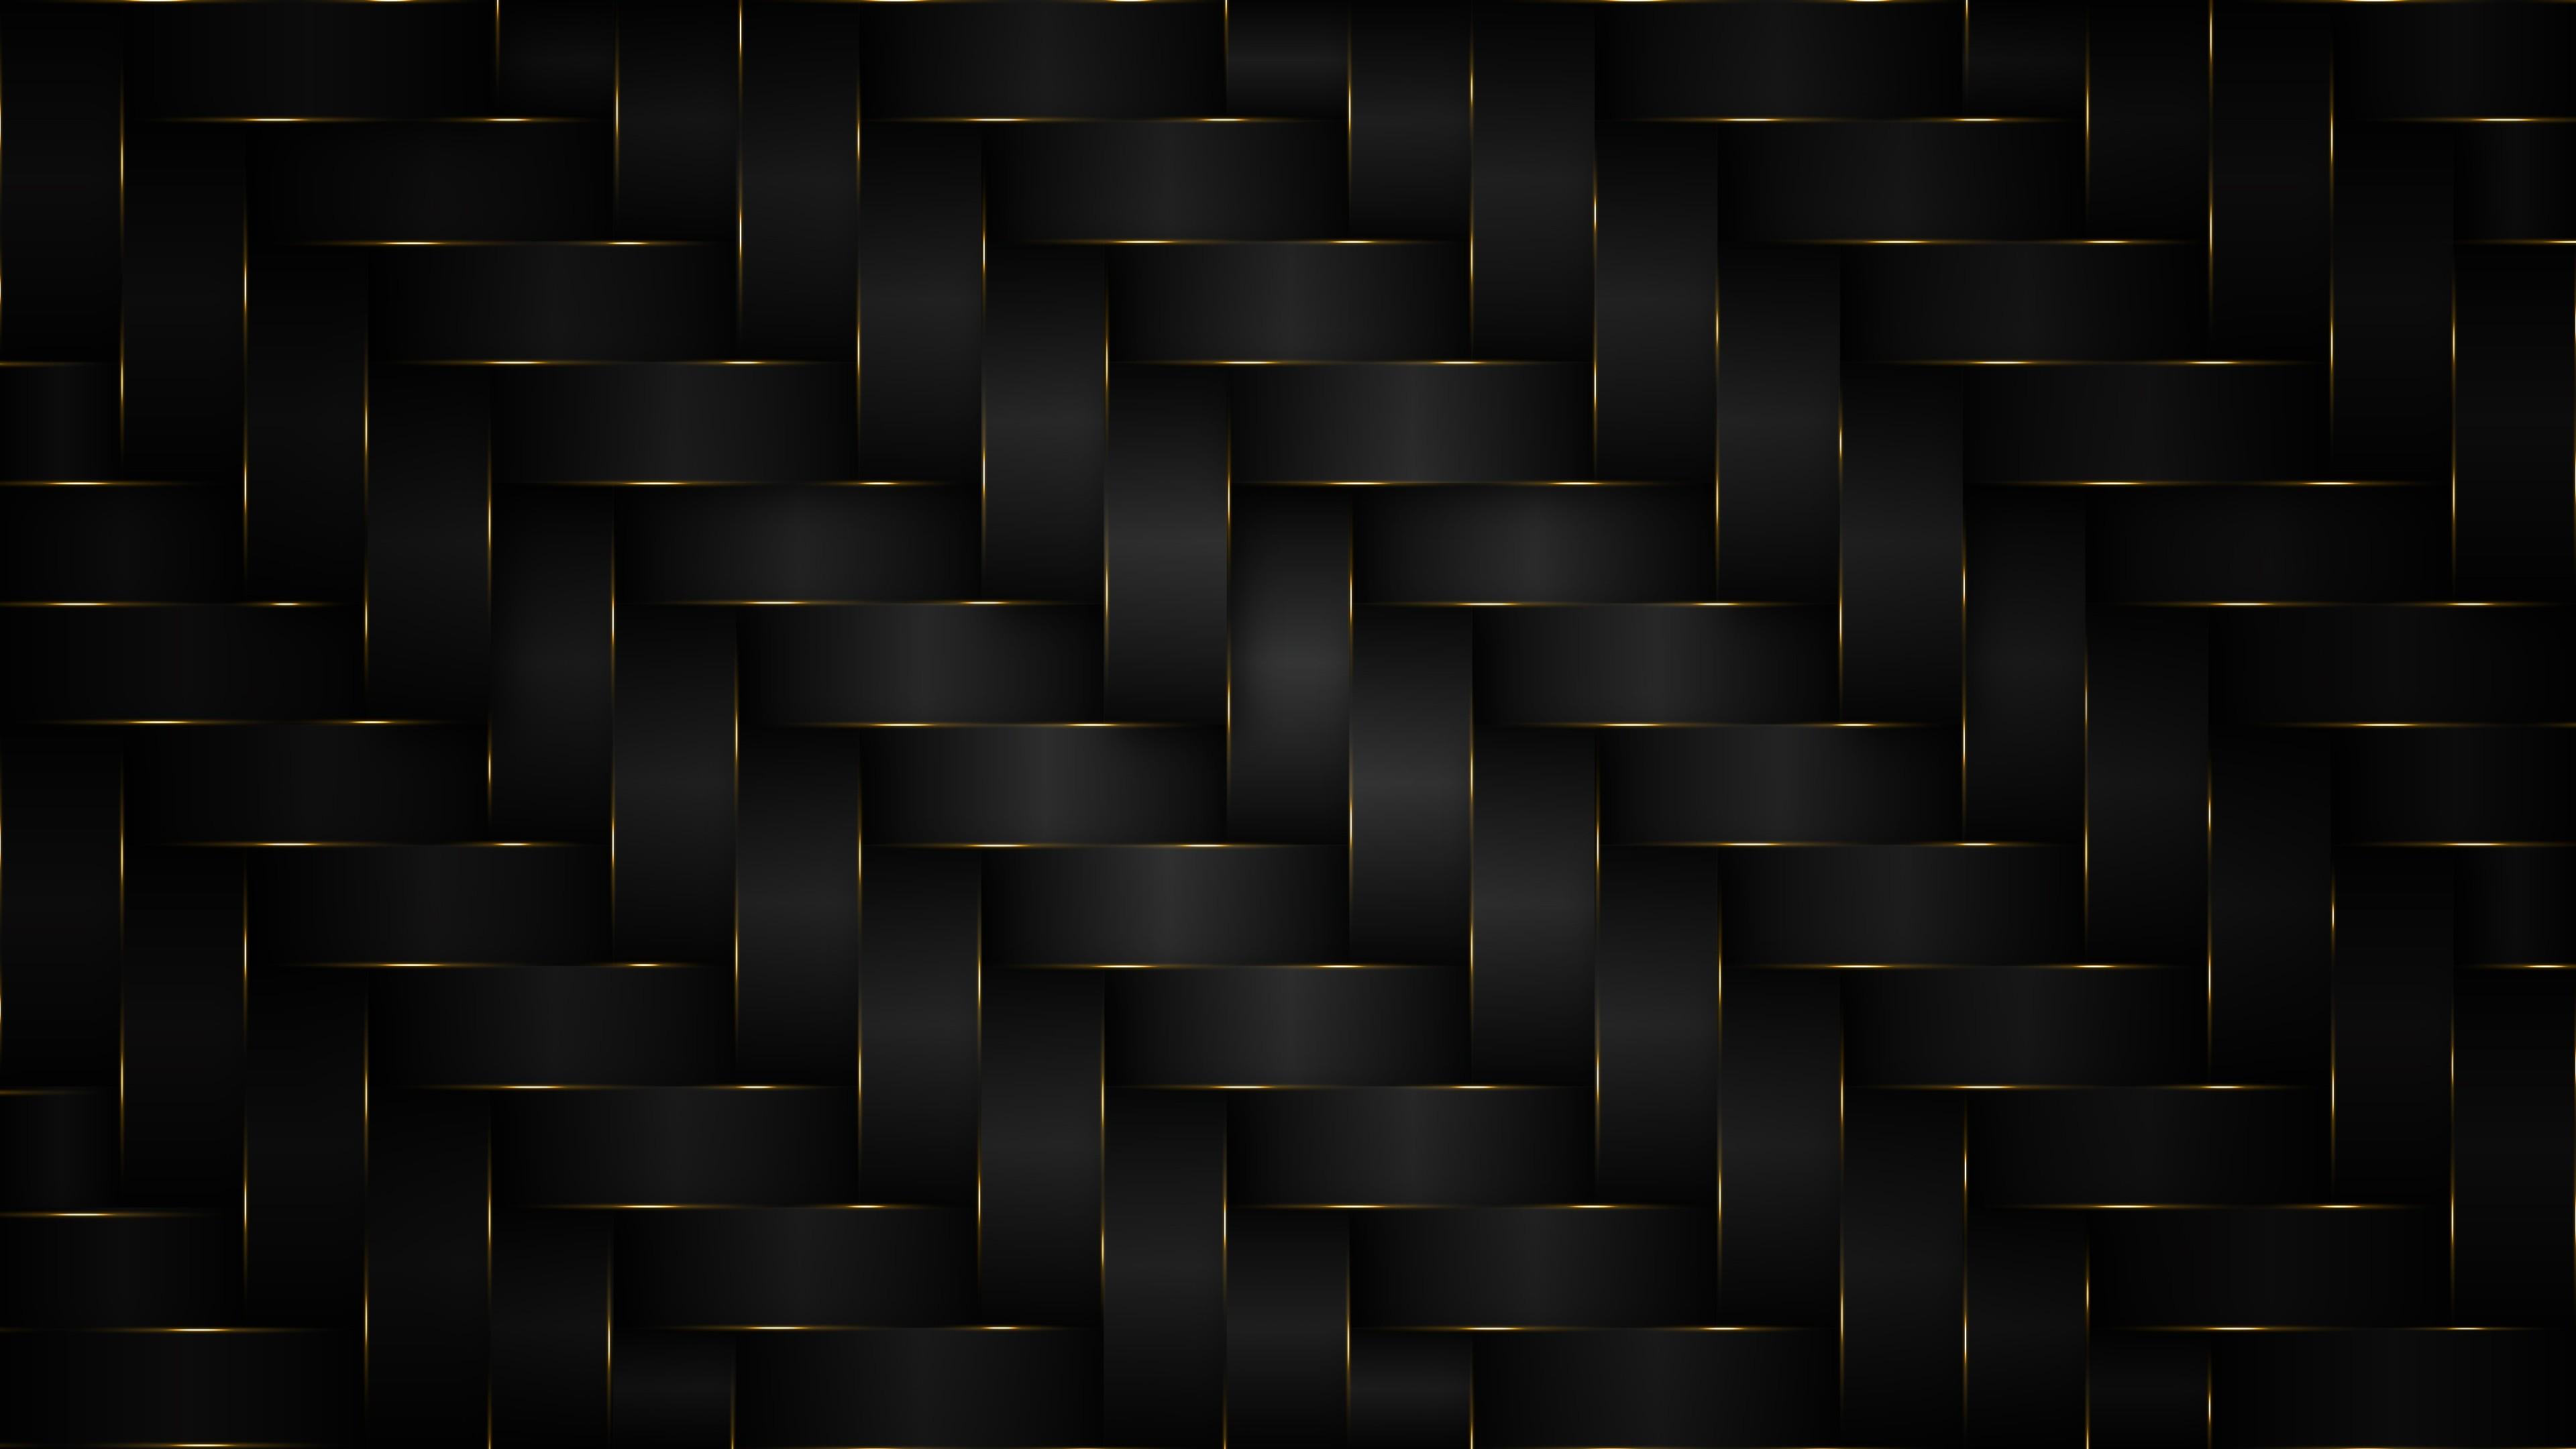 dark gold pattern 4k po 3840x2160 1 1 - Dark Gold Pattern -